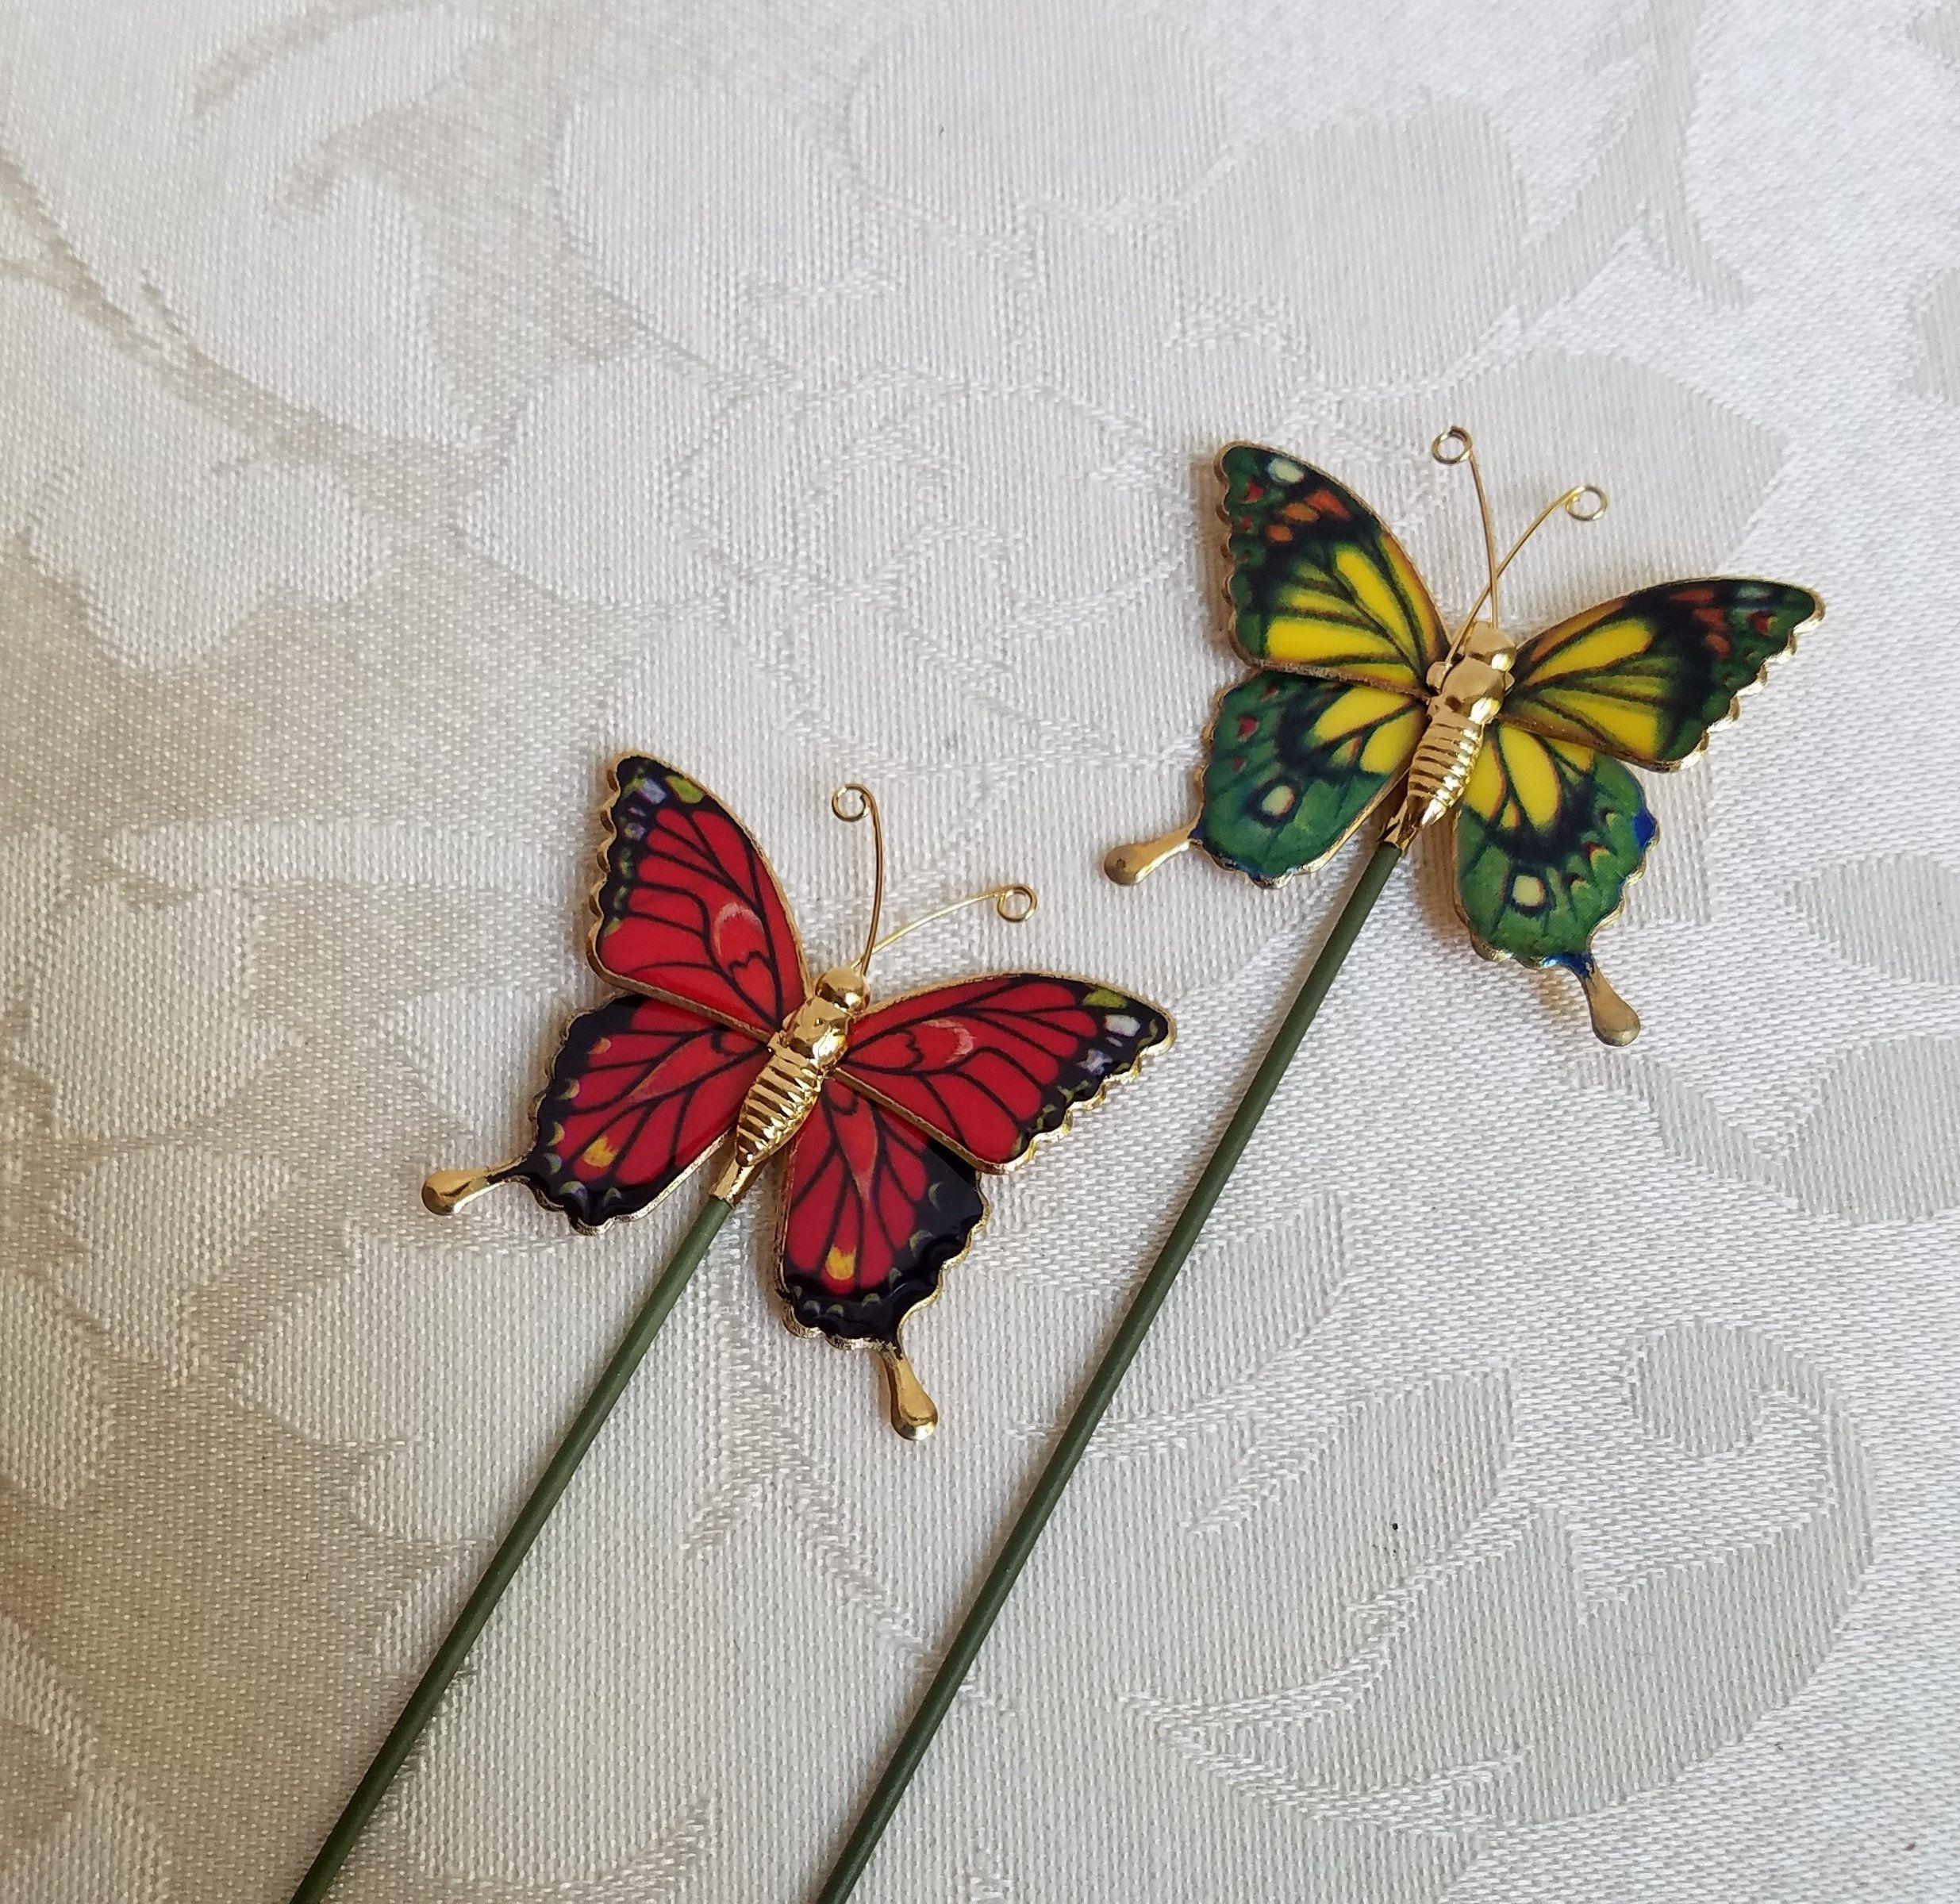 Vintage Butterflies Enamel Metal Plant Stakes By Interpur 400 x 300